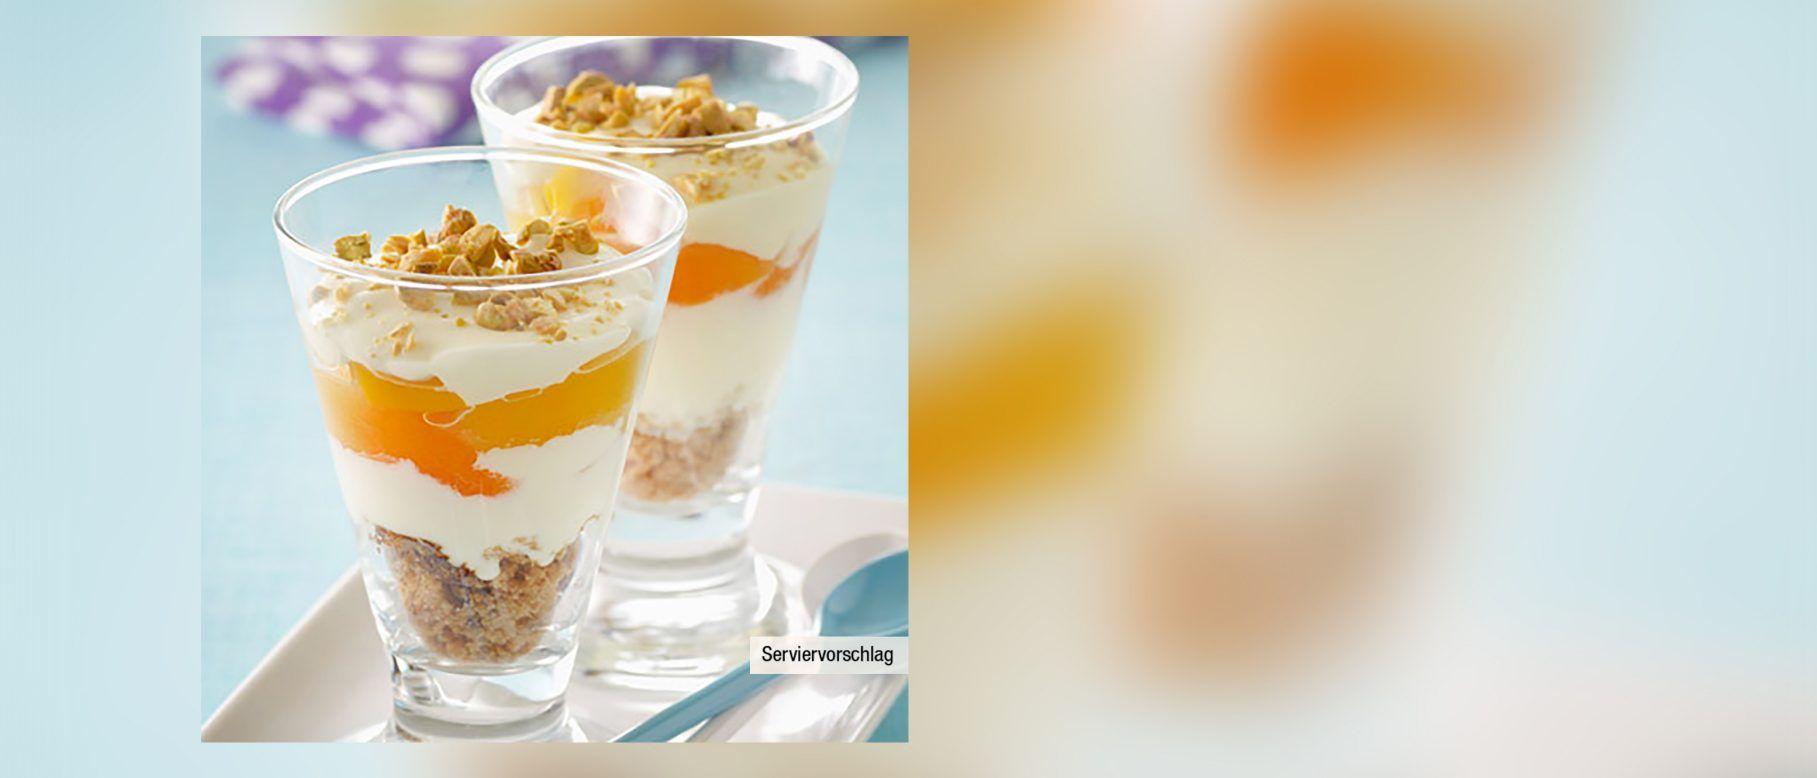 Fruchterlebnis Rezepte von ALDI Nord Dessert ideen